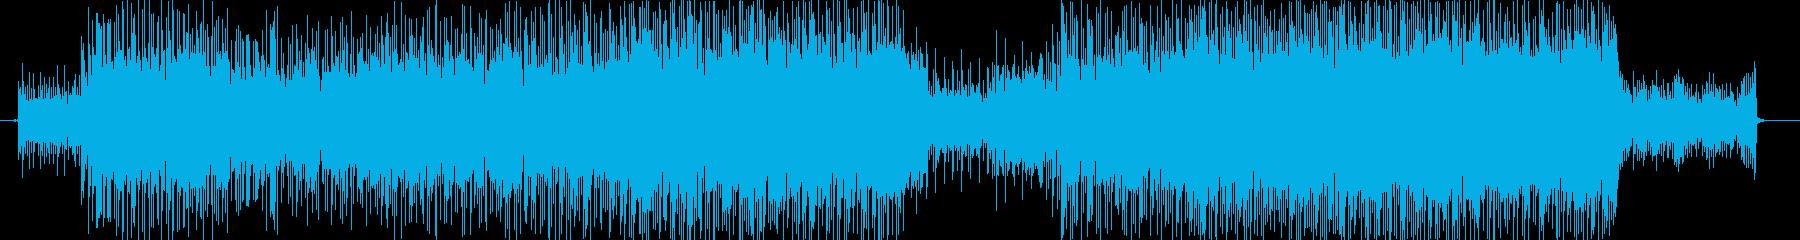 夏&海!爽やかで楽しいアコギポップス!の再生済みの波形